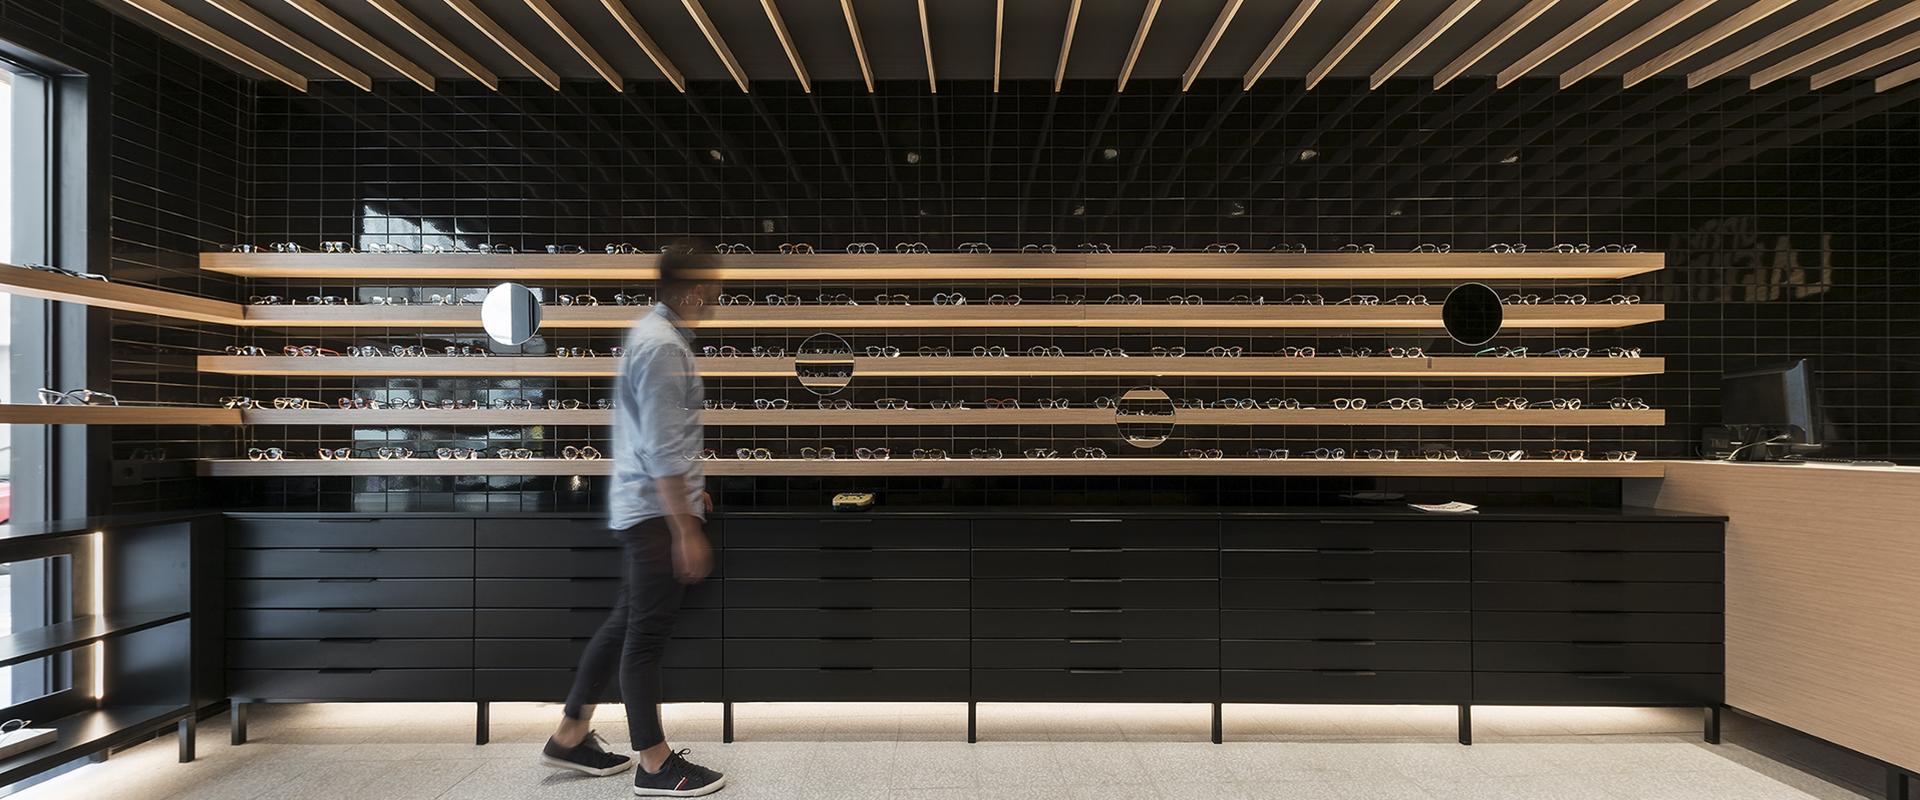 Claves para el diseño de espacios comerciales de éxito